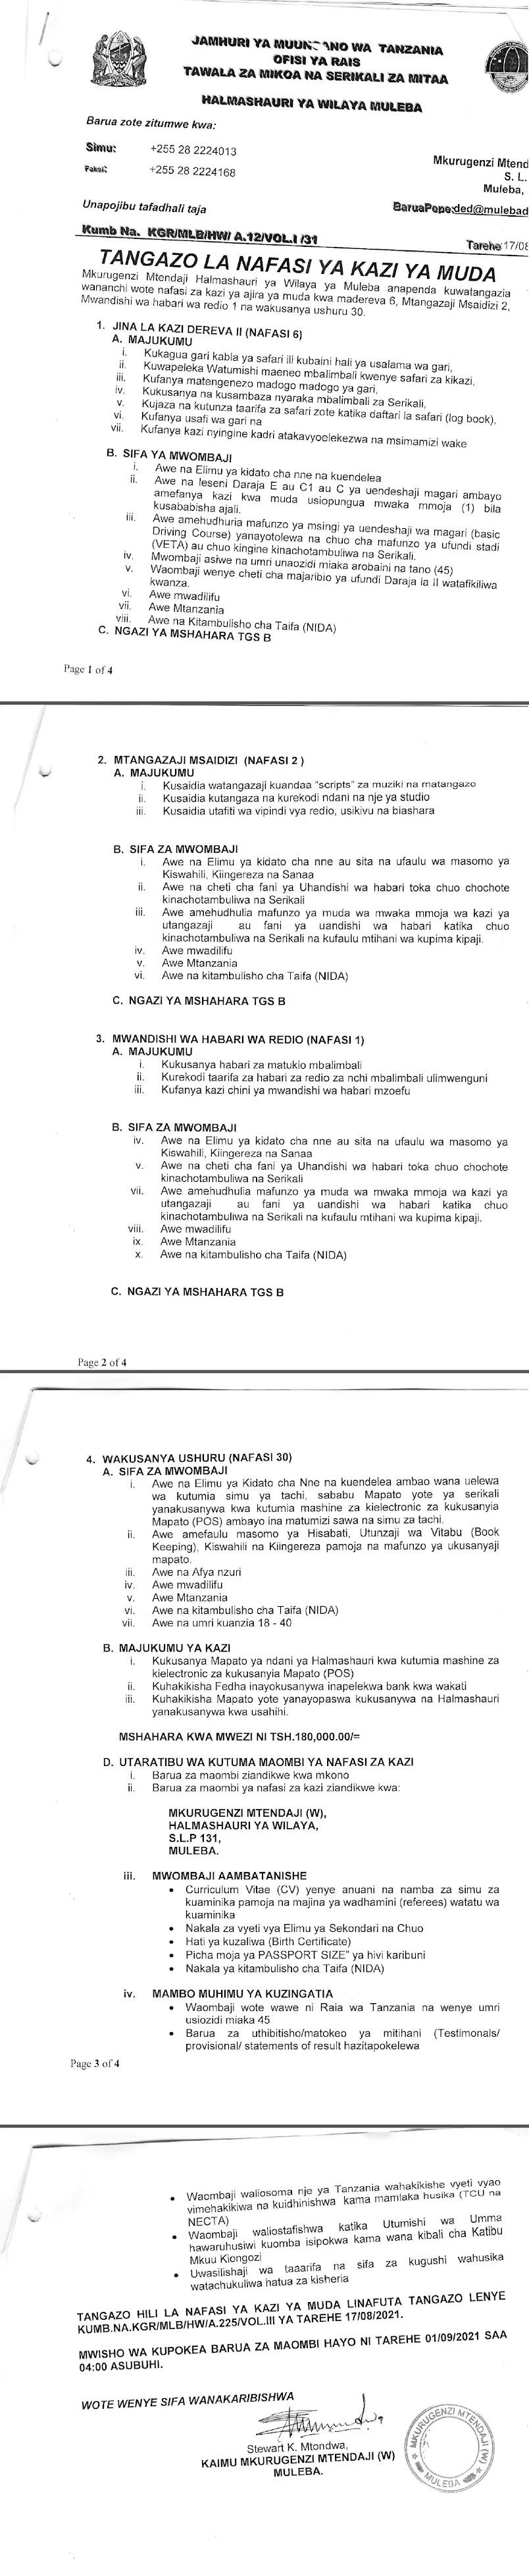 39 Various Jobs at Muleba District Council July 2021